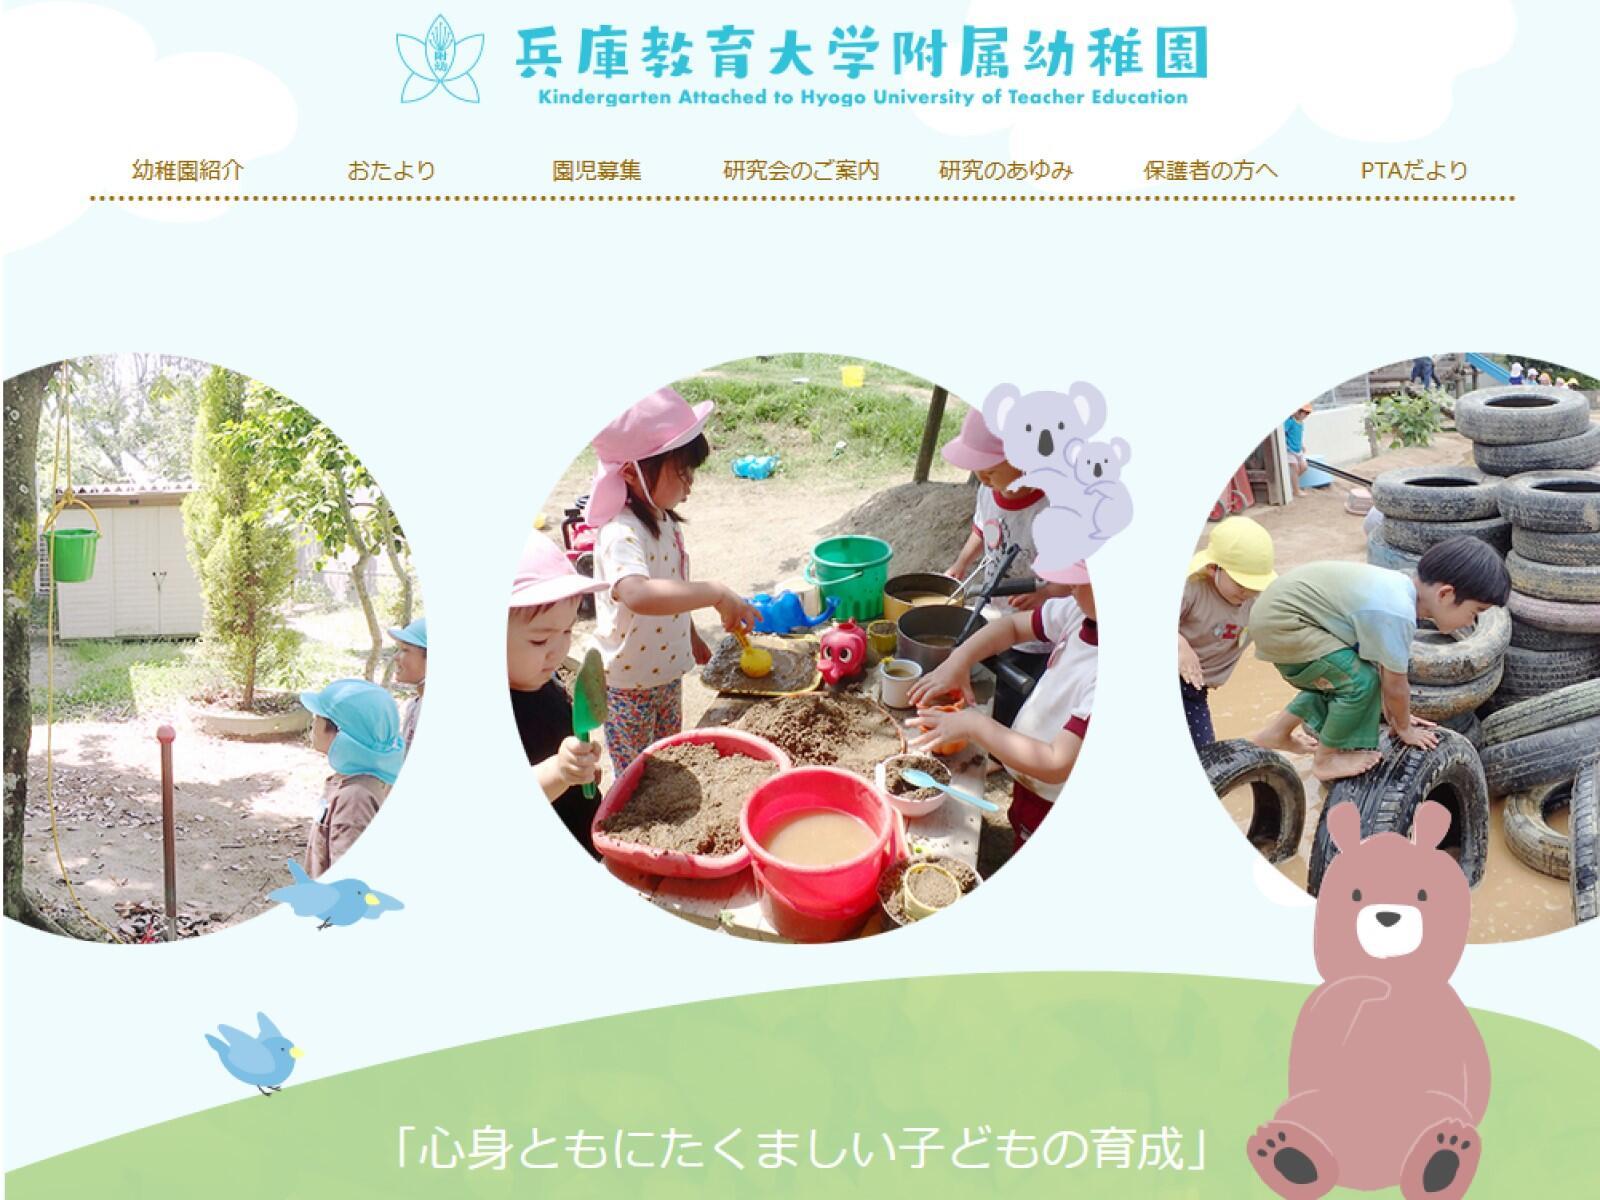 兵庫教育大学附属幼稚園のサムネイル画像